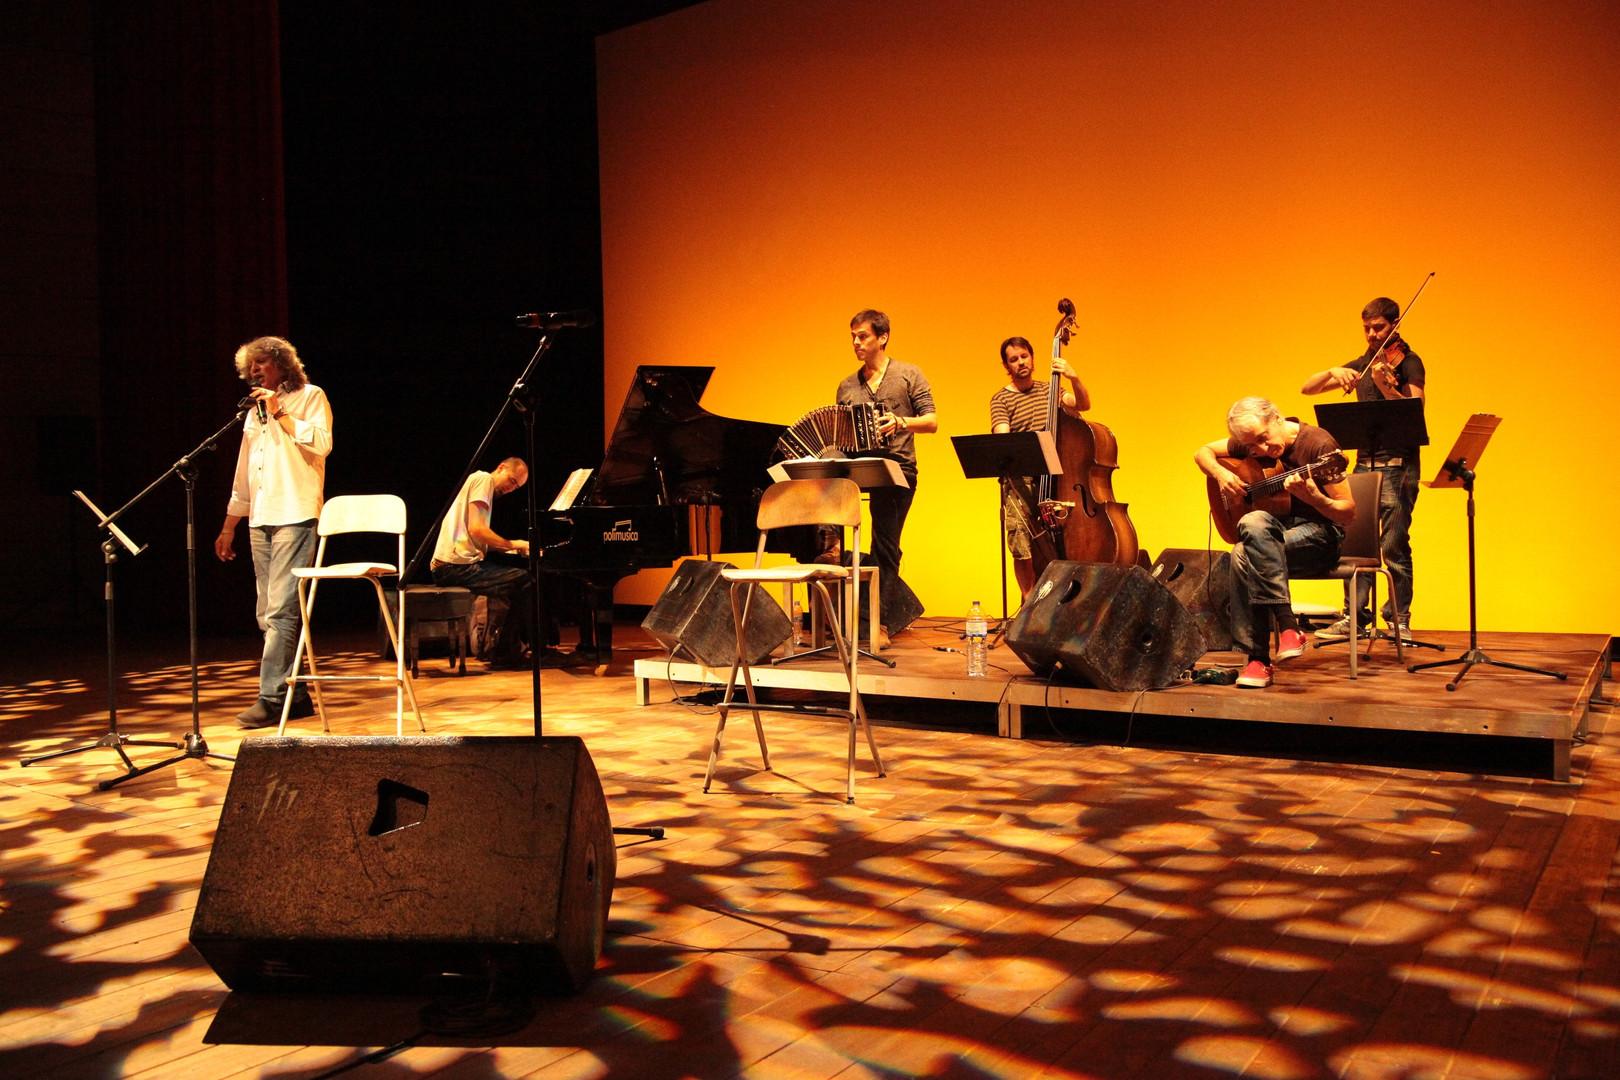 Teatro-Auditorio El Greco | Toledo